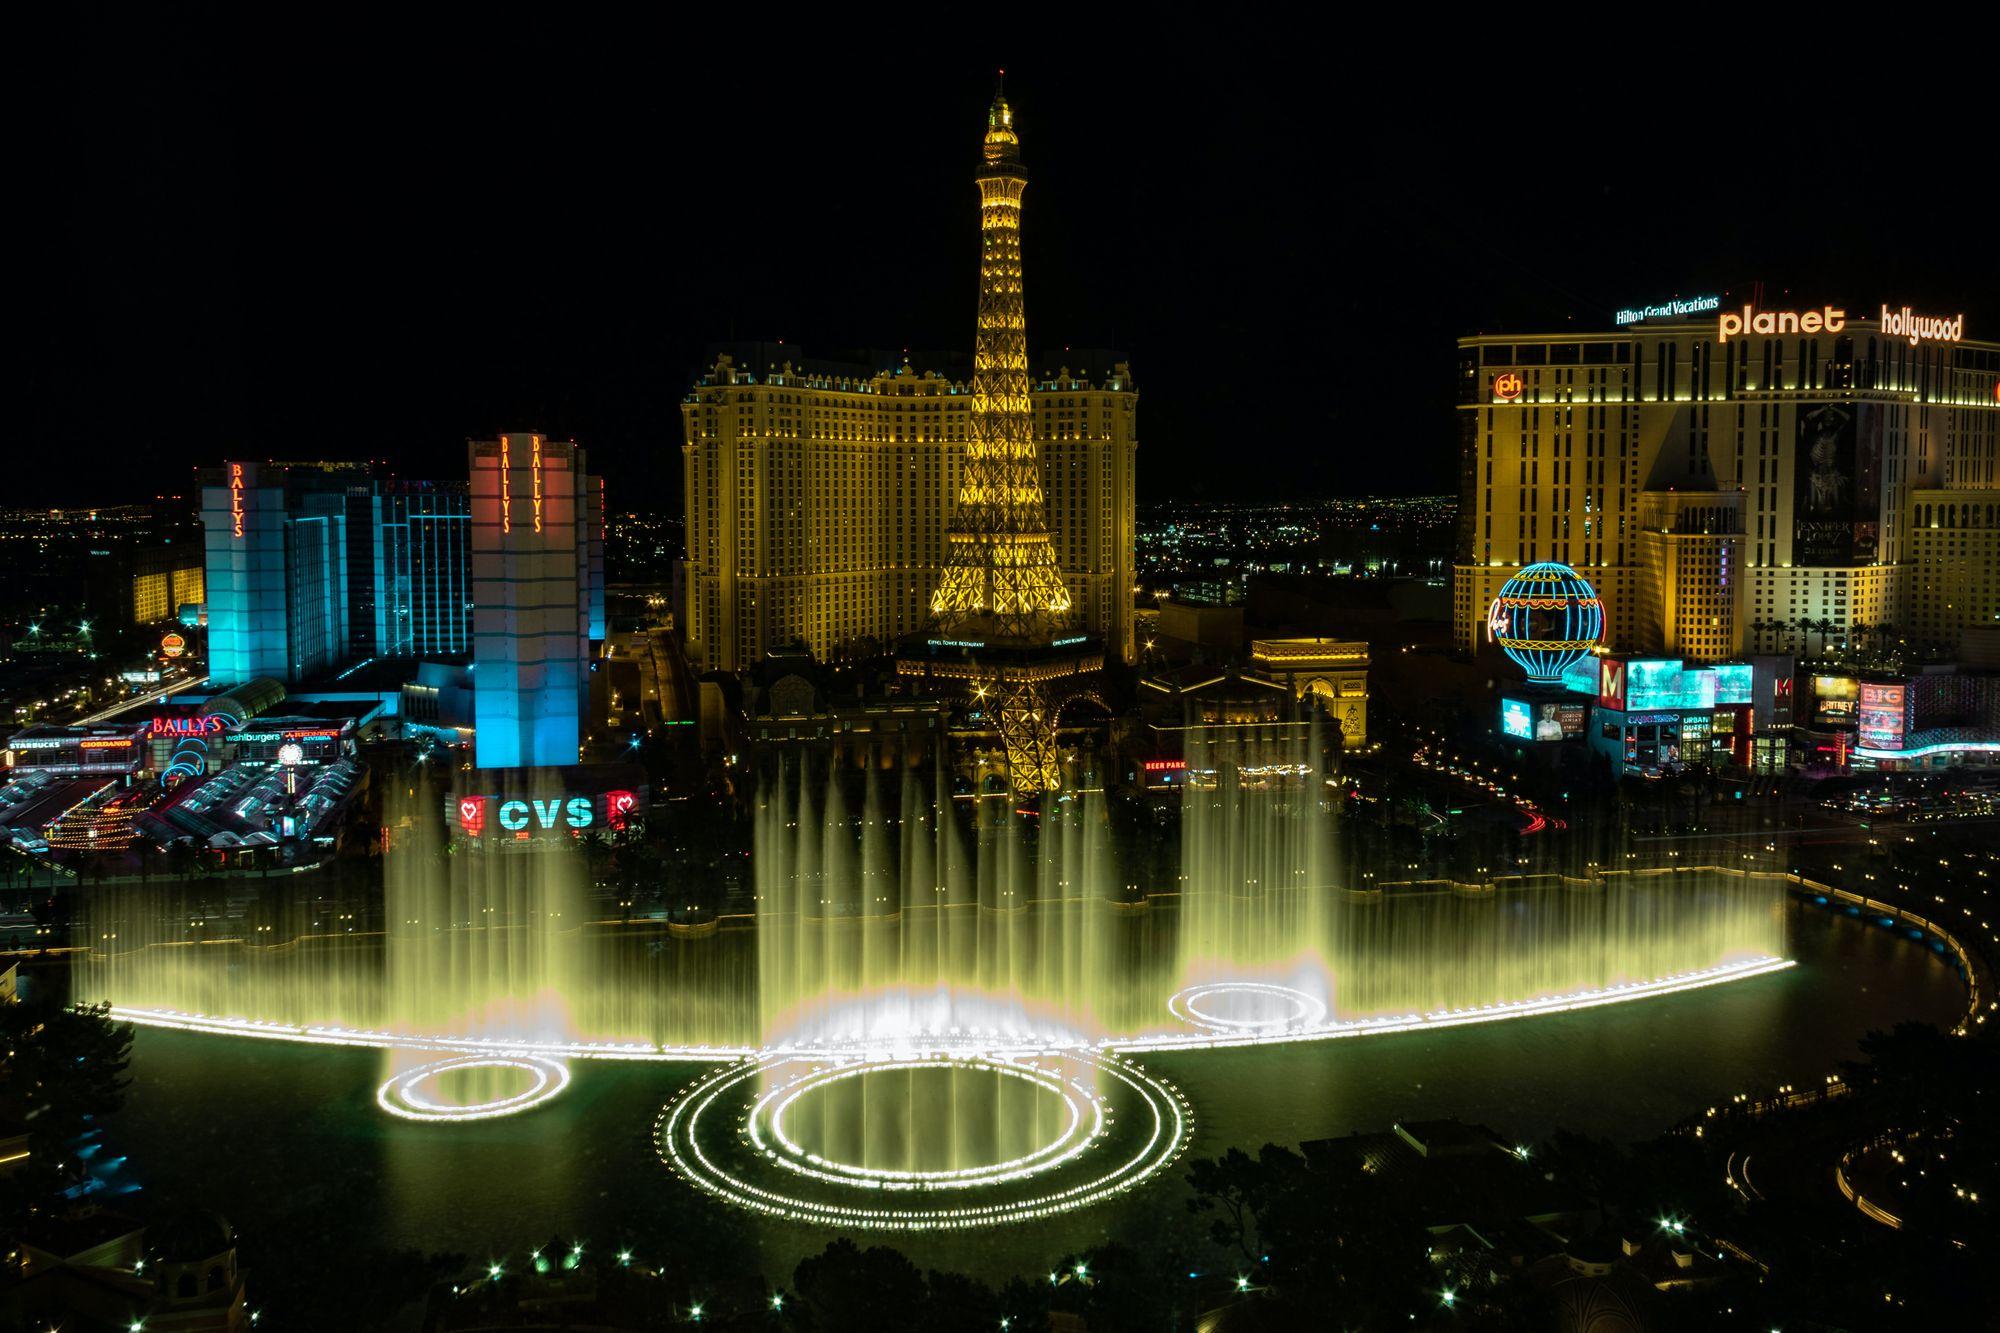 Las Vegas - Skyline and fountain